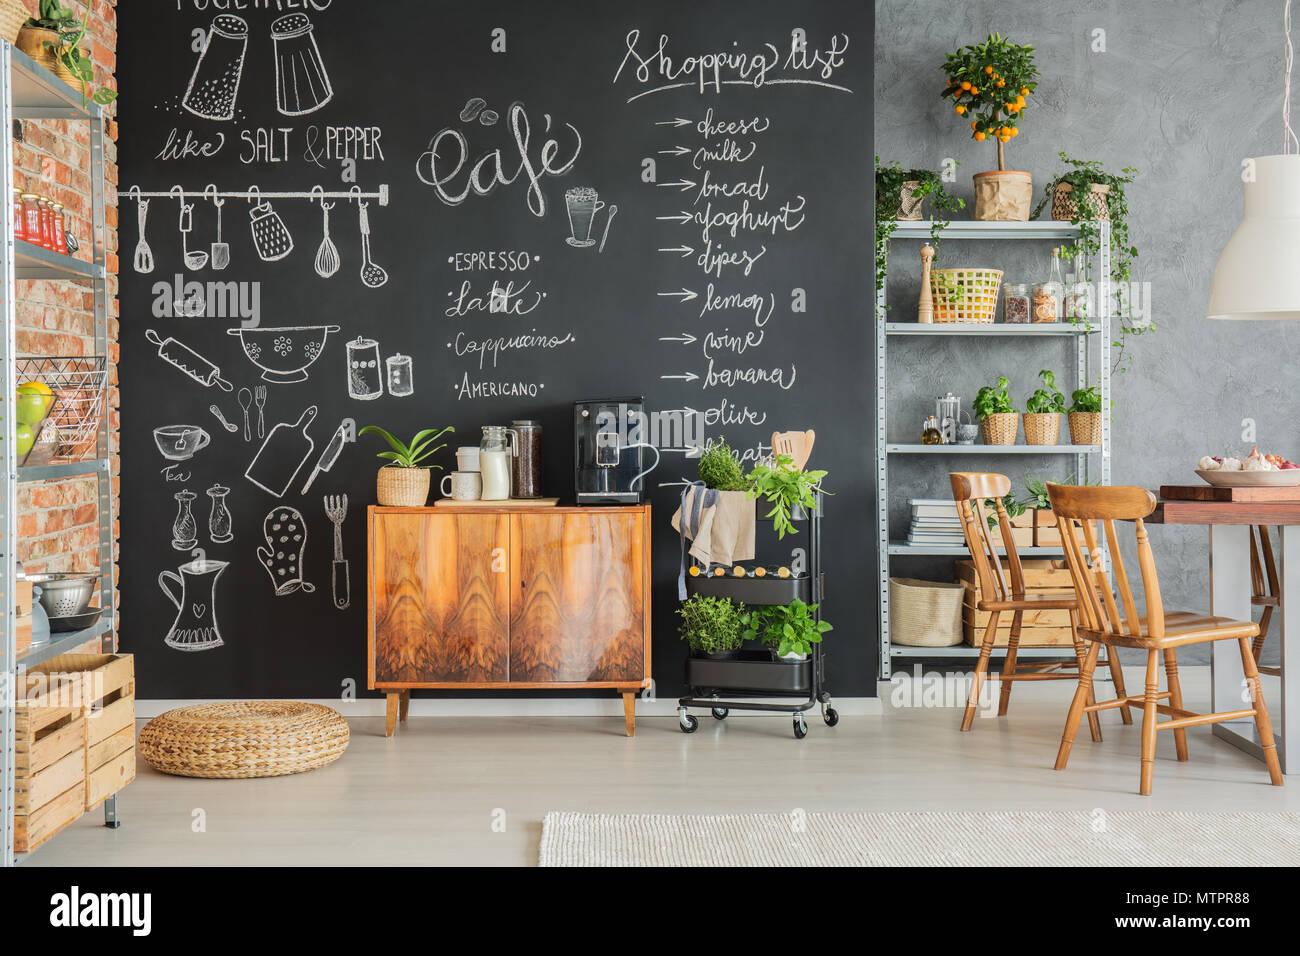 Lavagna a parete con simpatici disegni nella cucina della ...